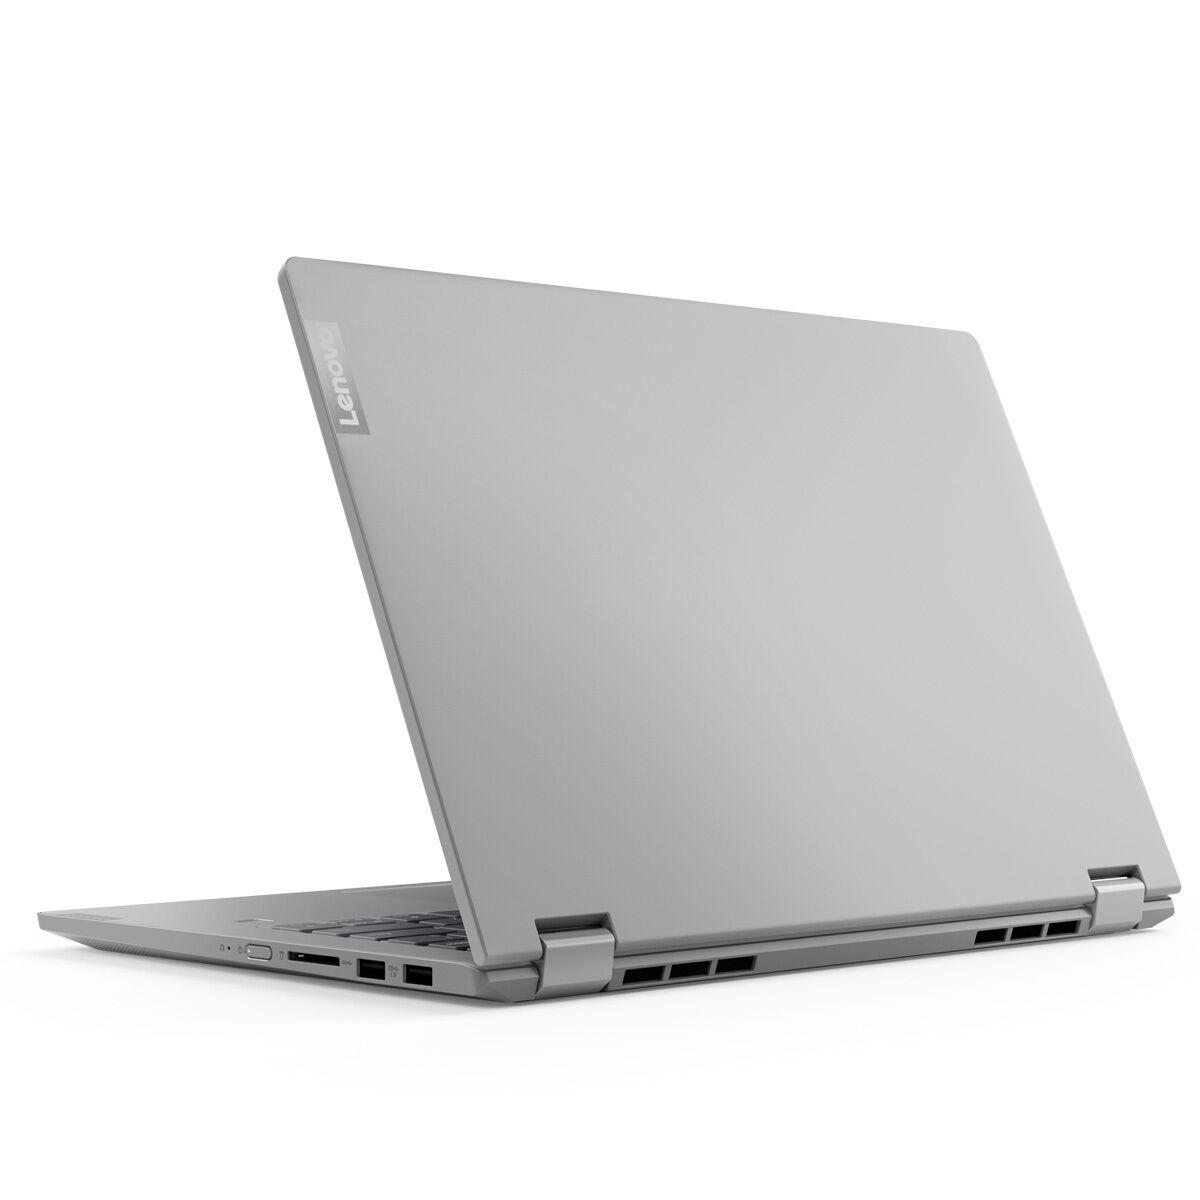 Представлены новые ноутбуки-трансформеры Lenovo3